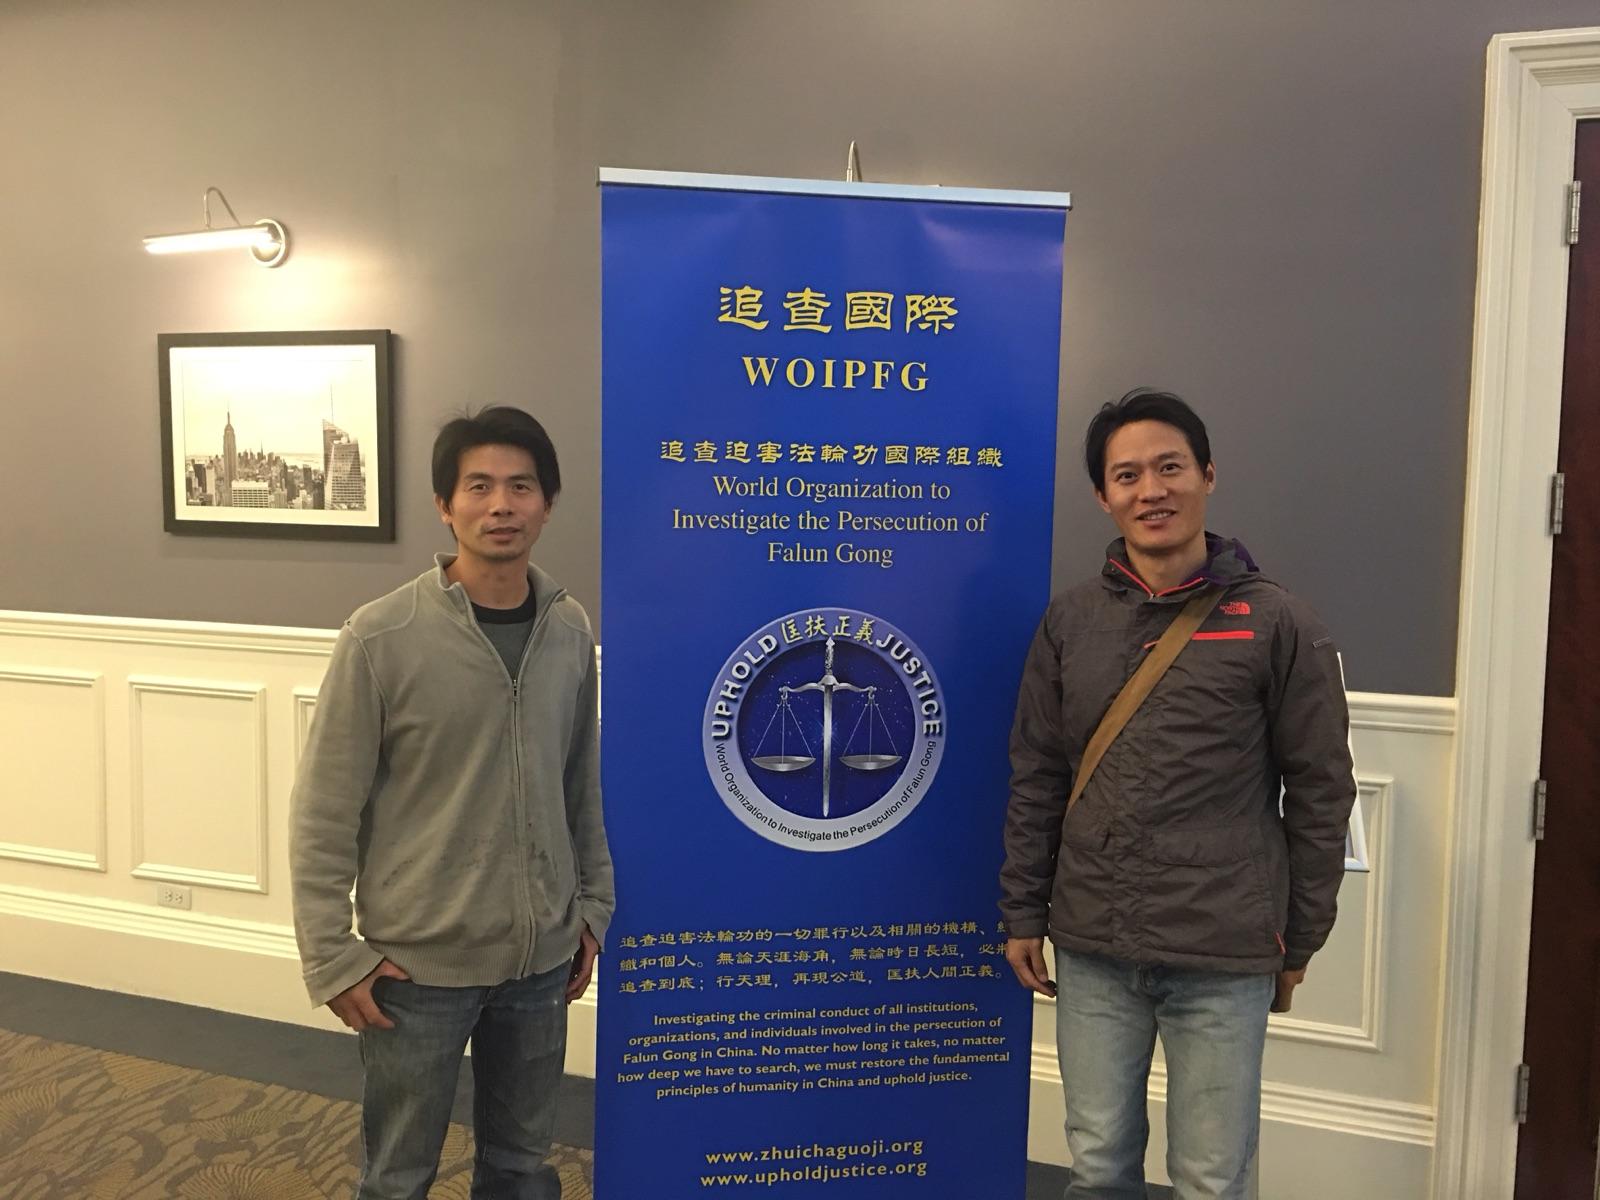 2017年5月11日晚,2014年退党的前英语教师余春光(右)带友人出席纪录片《铁证如山》纽约首映式。(余春光提供)